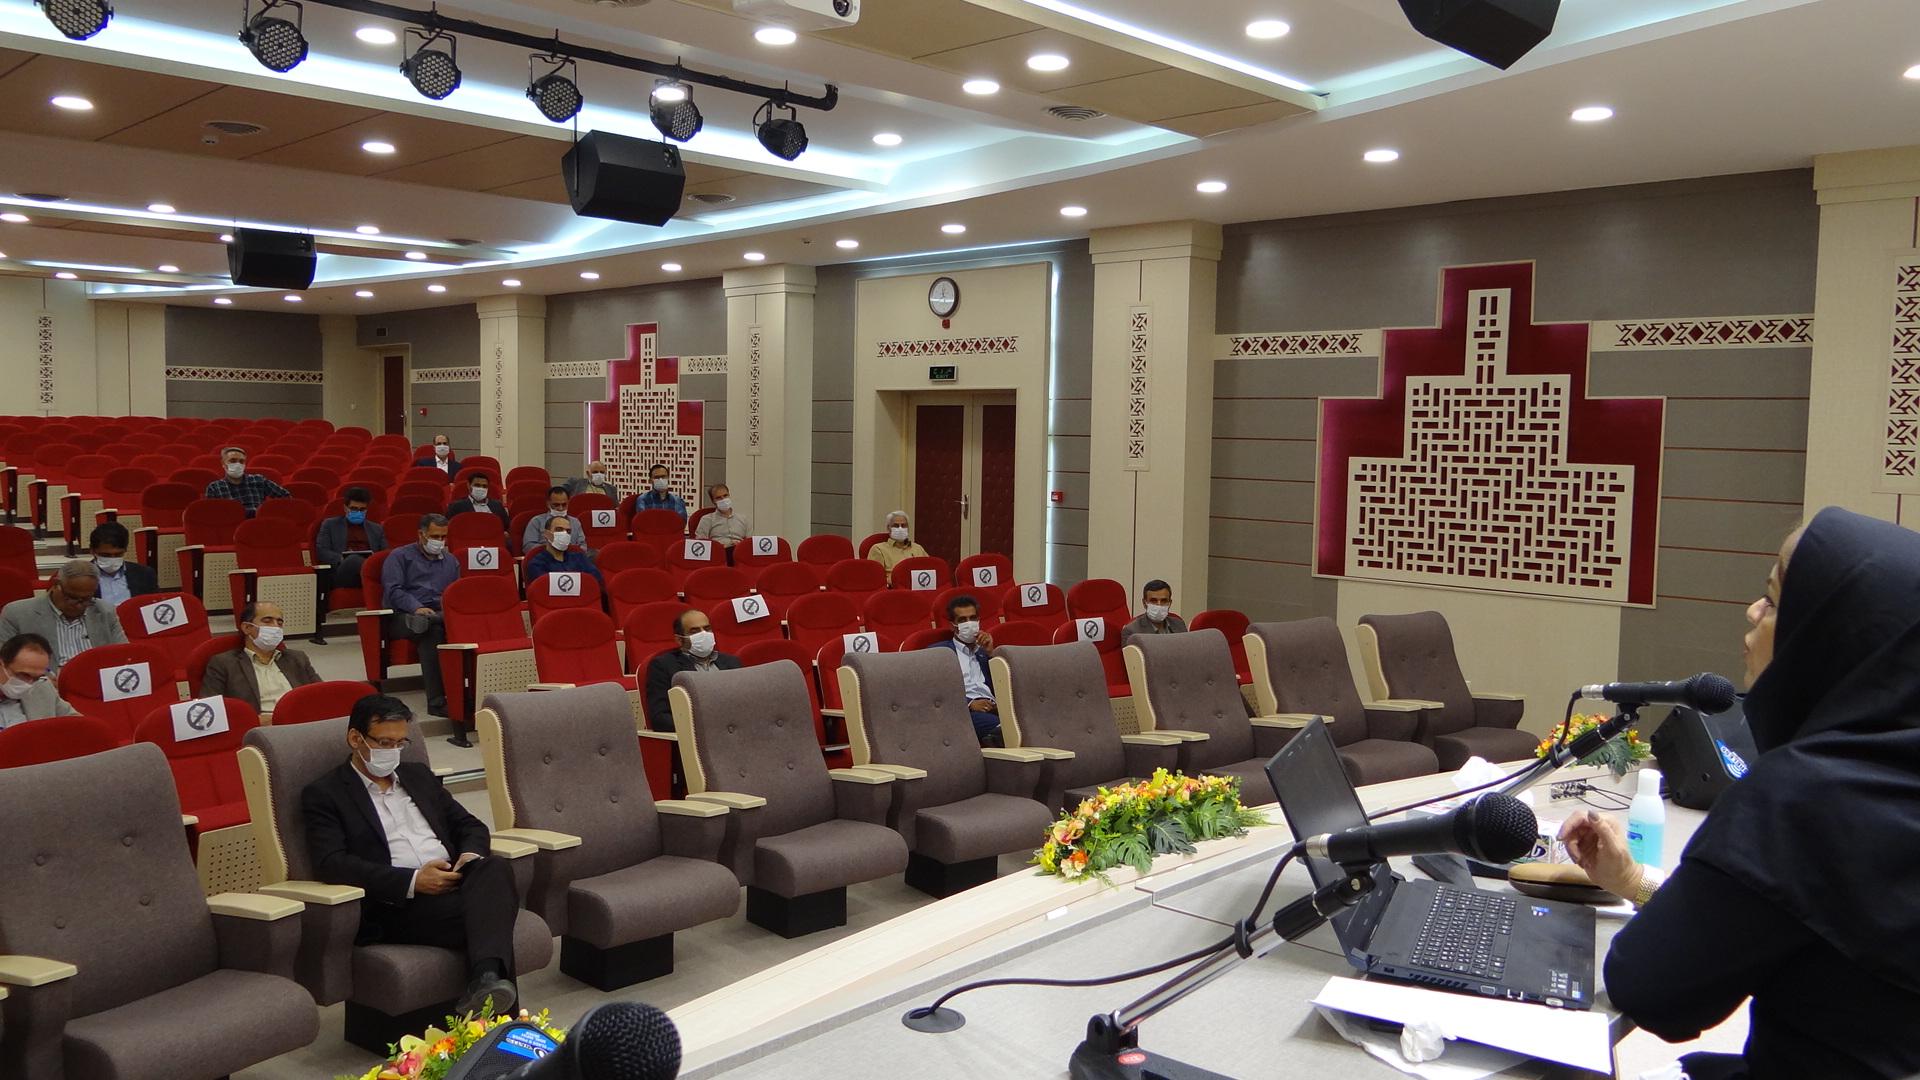 به میزبانی شرکت توزیع برق زنجان؛سمینار آموزشی کاربرد روانشناسی کار برگزار شد